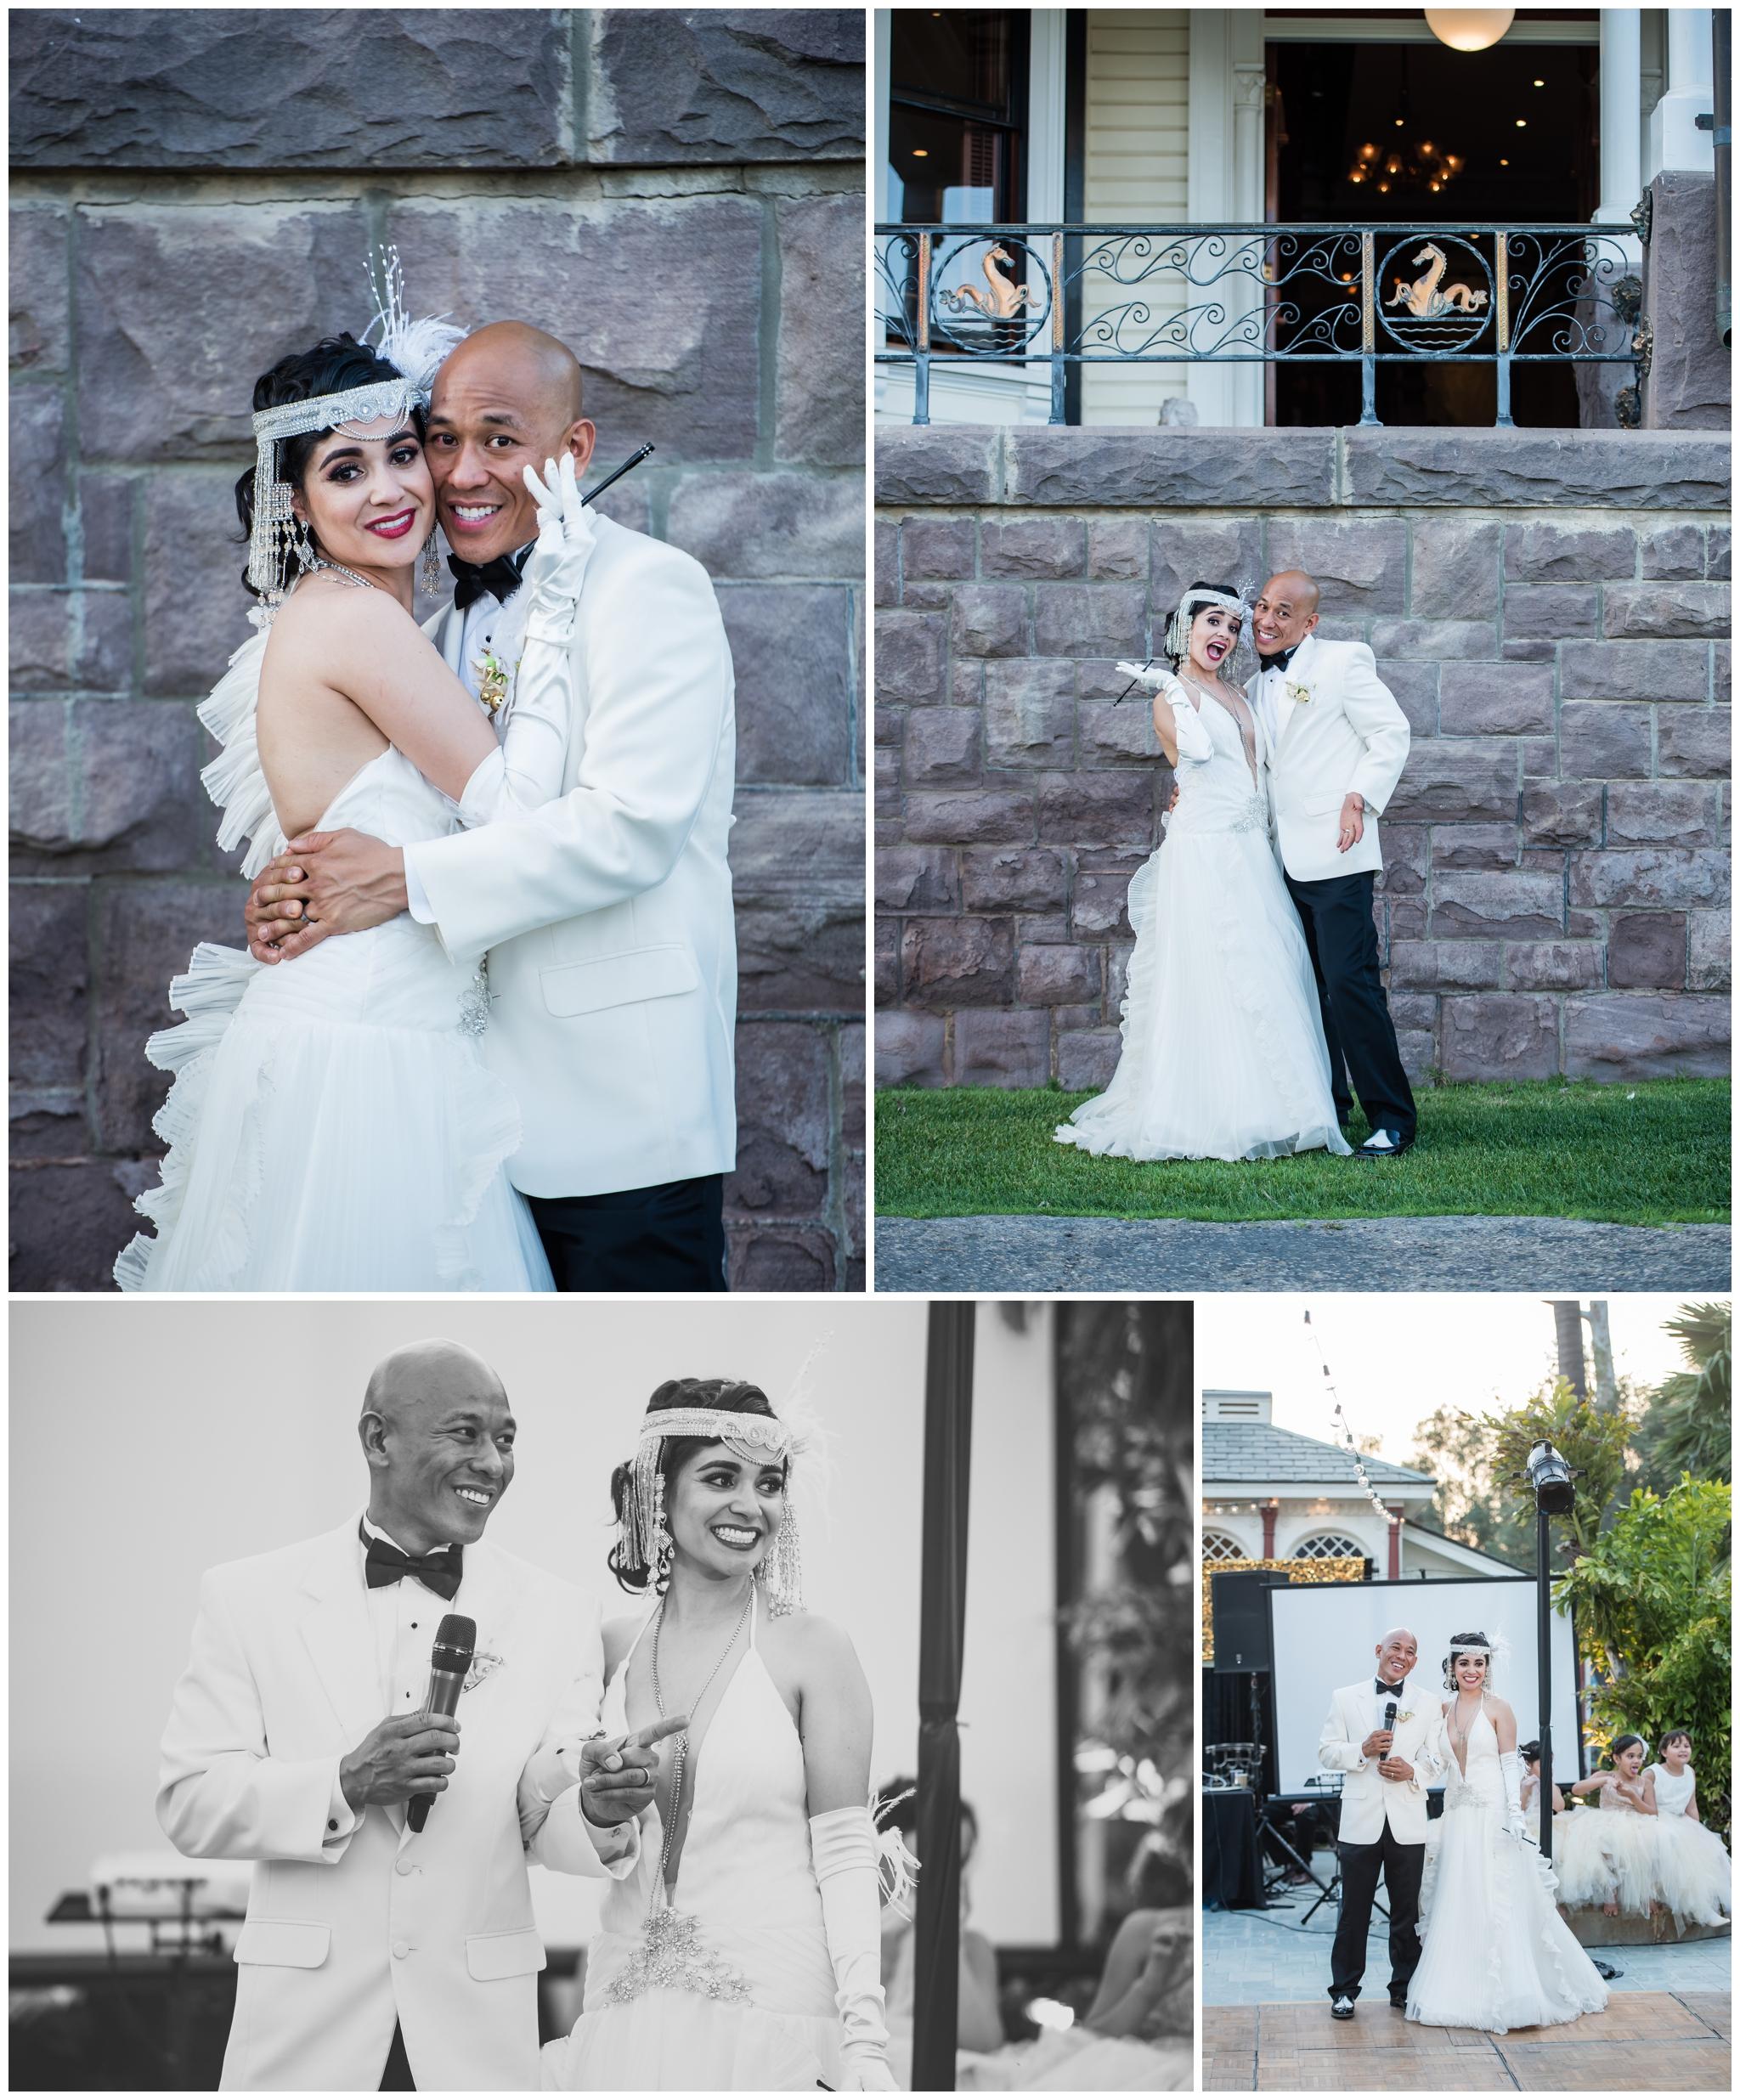 lunabellaphotos- new hall mansion-bride speech